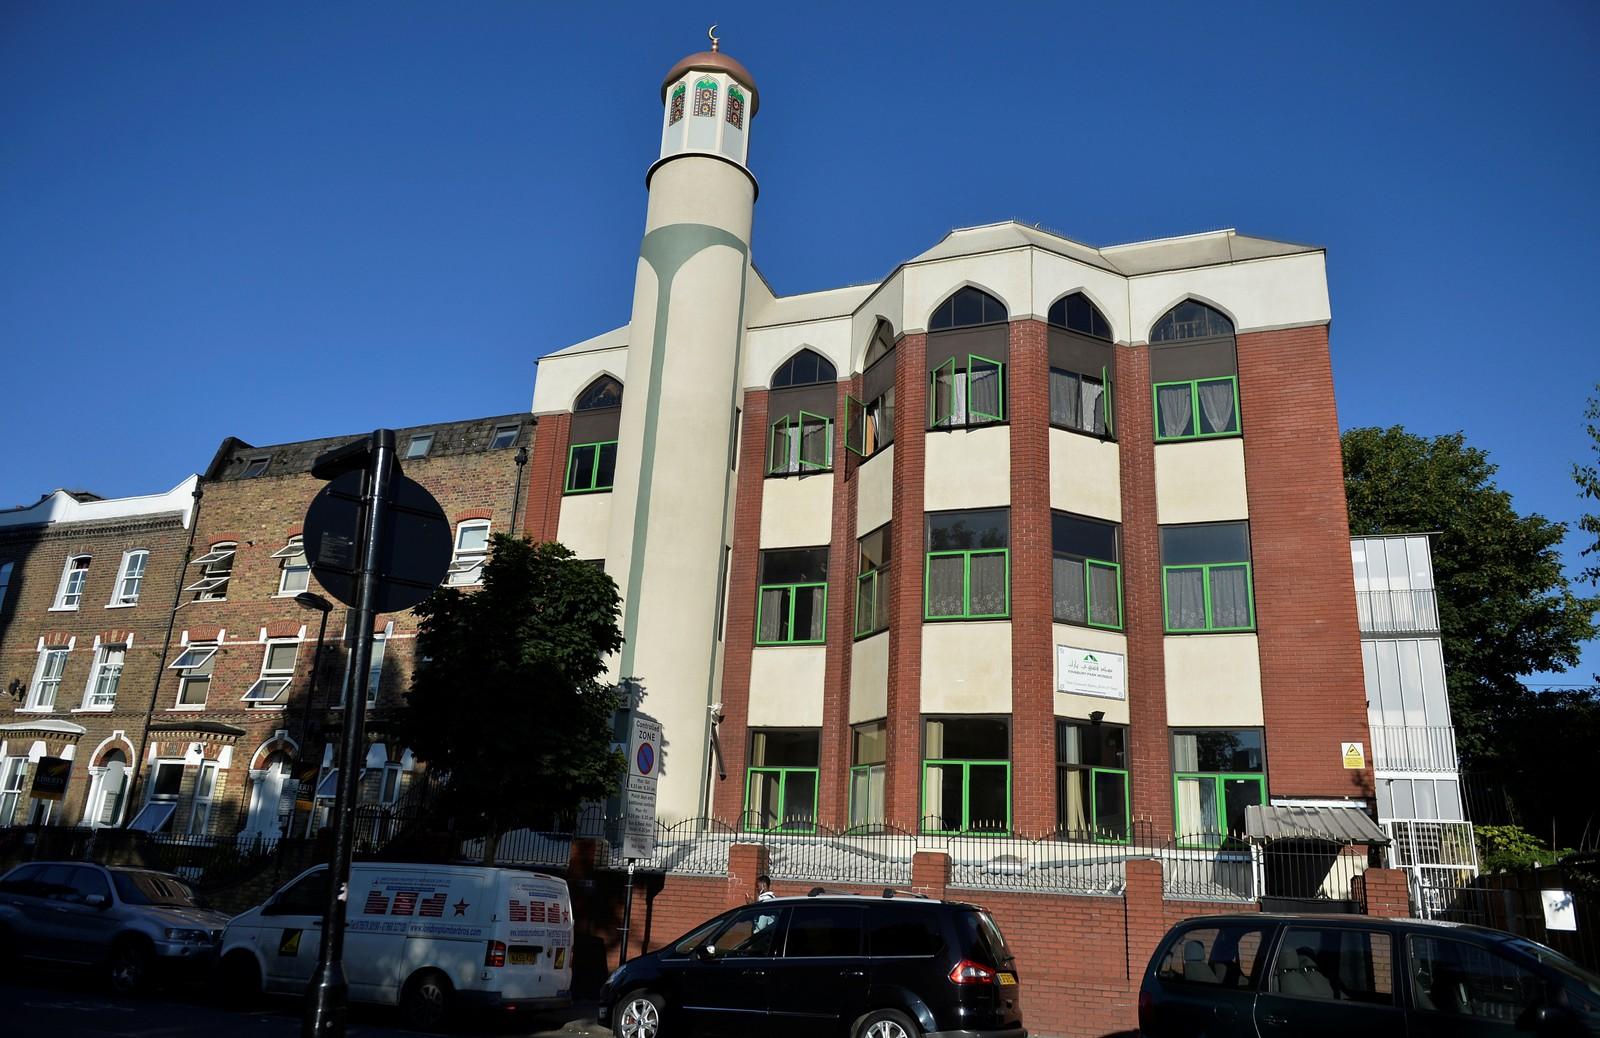 Bilde av Finsbury Park moskeen nord i London, som angrepet skjedde i nærheten av.